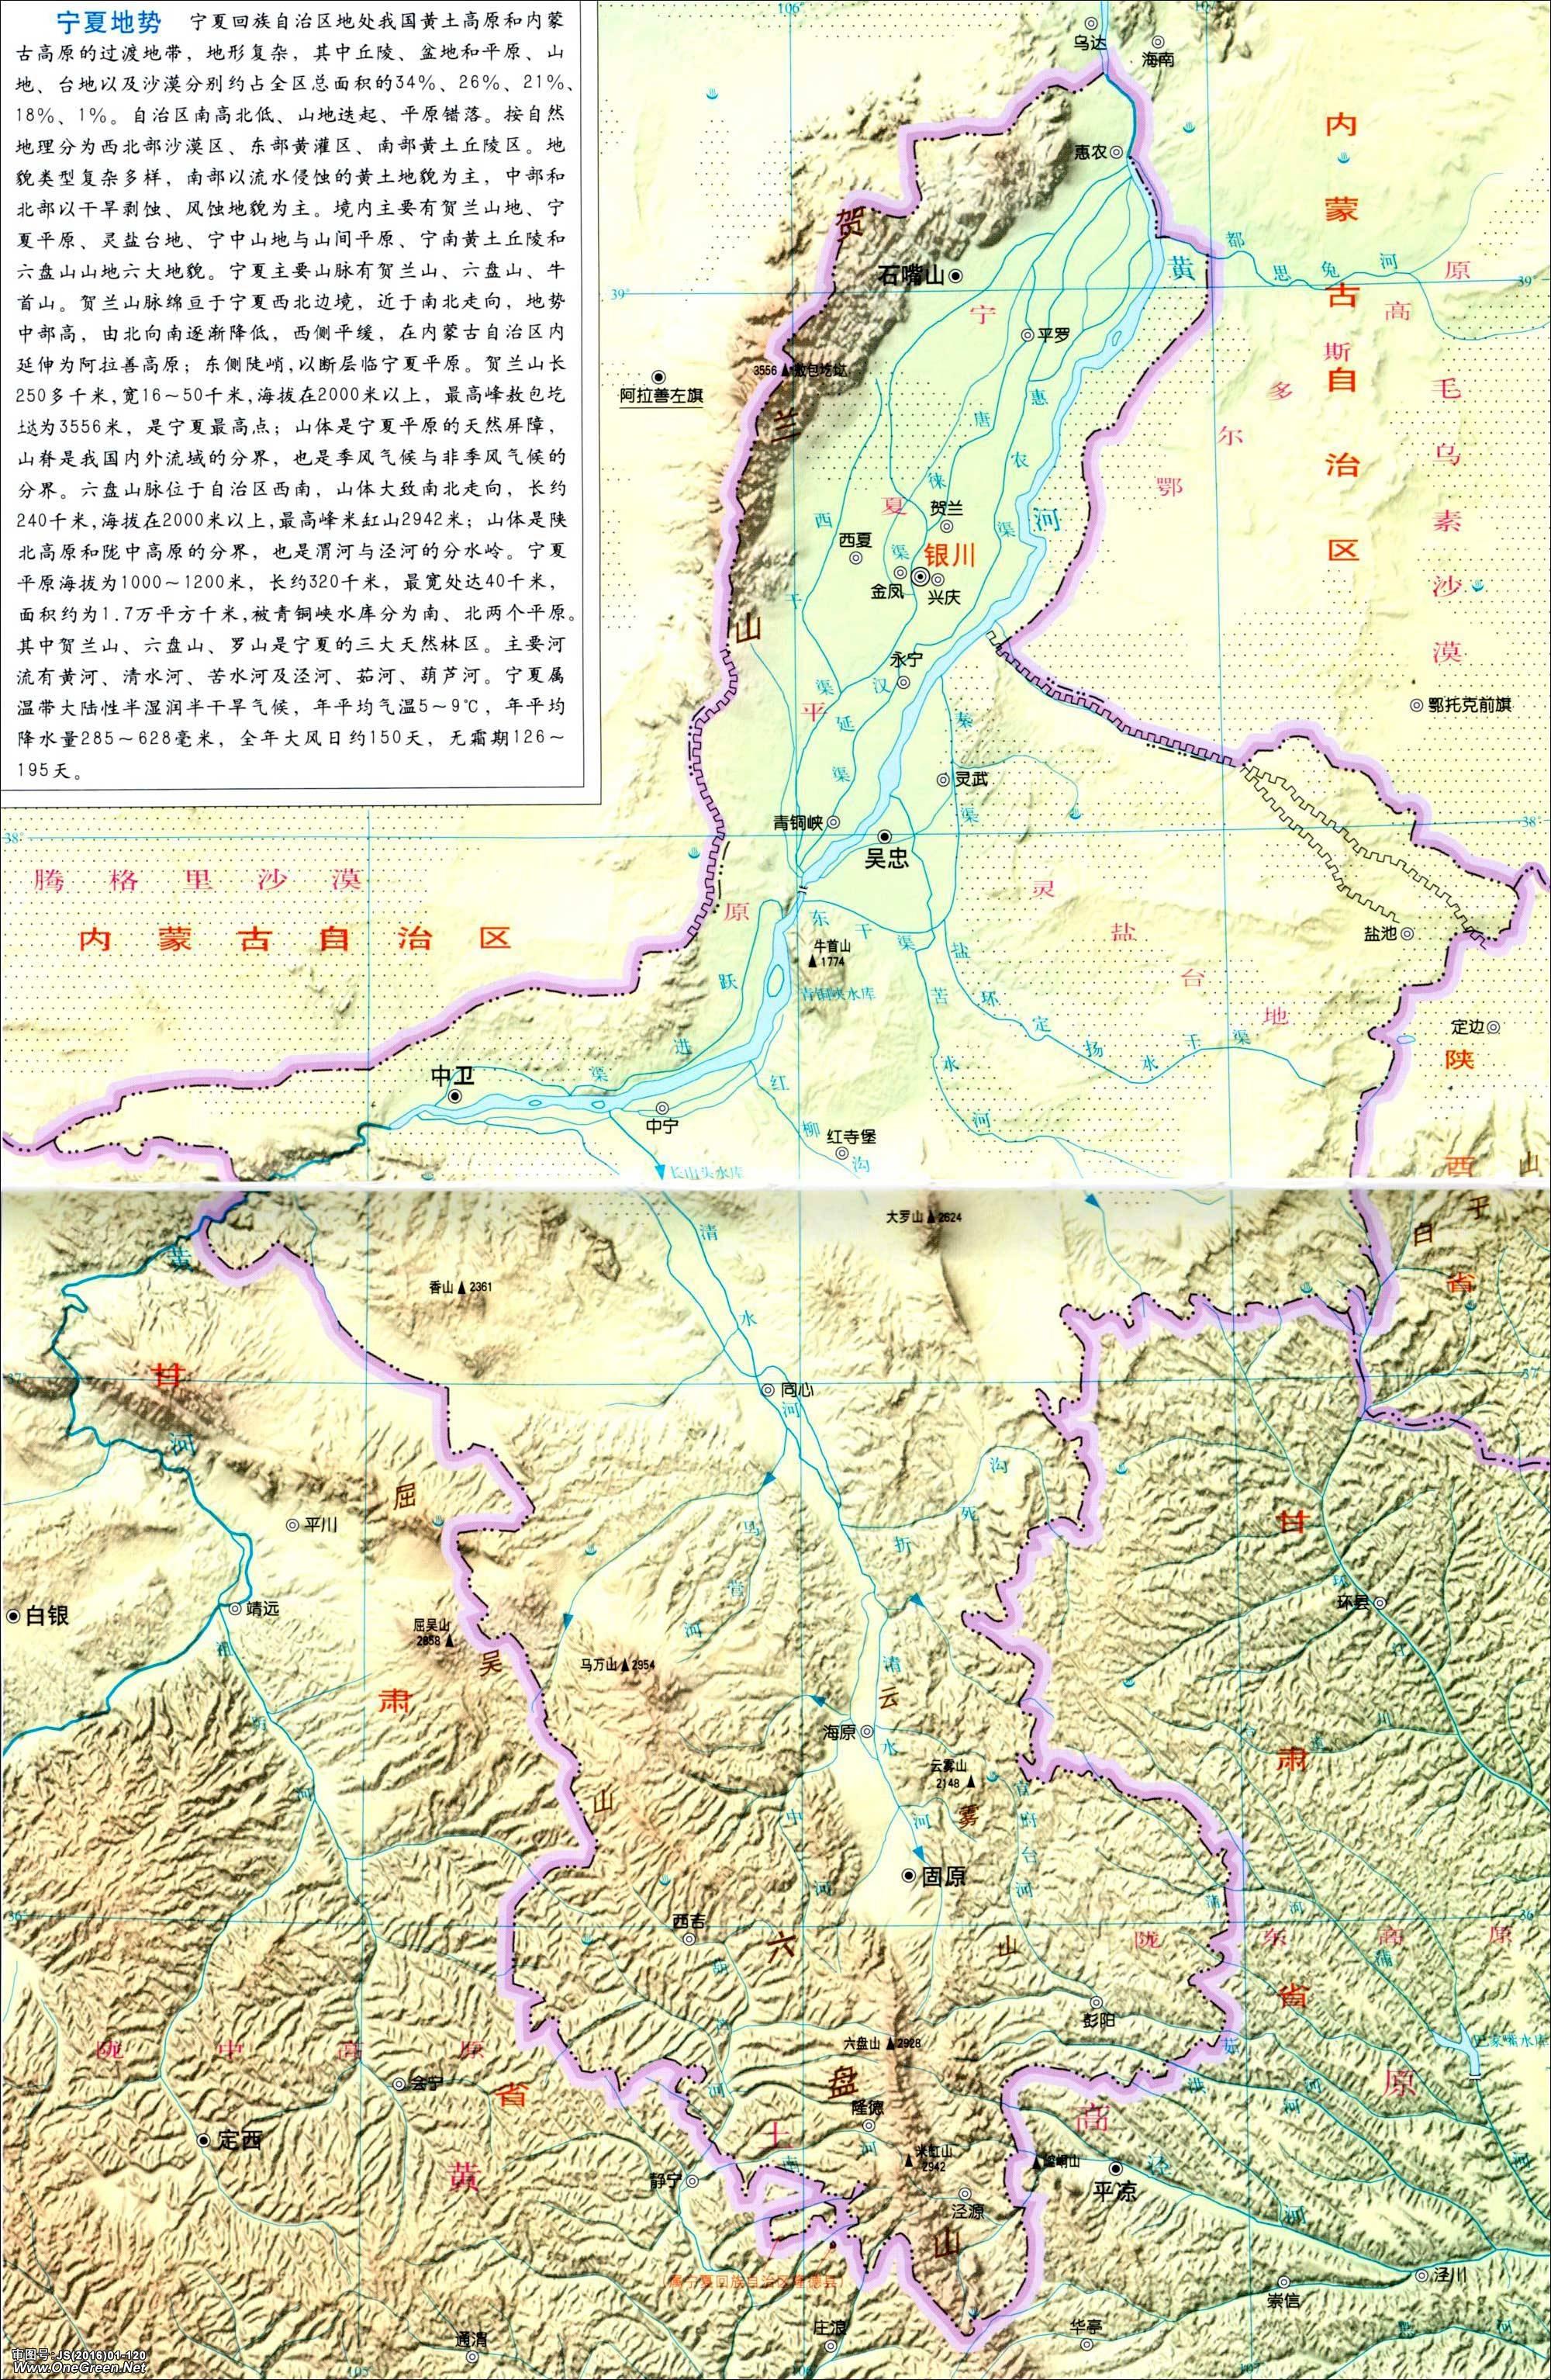 浙江旅游地图_宁夏地势地图_宁夏地图库_地图窝